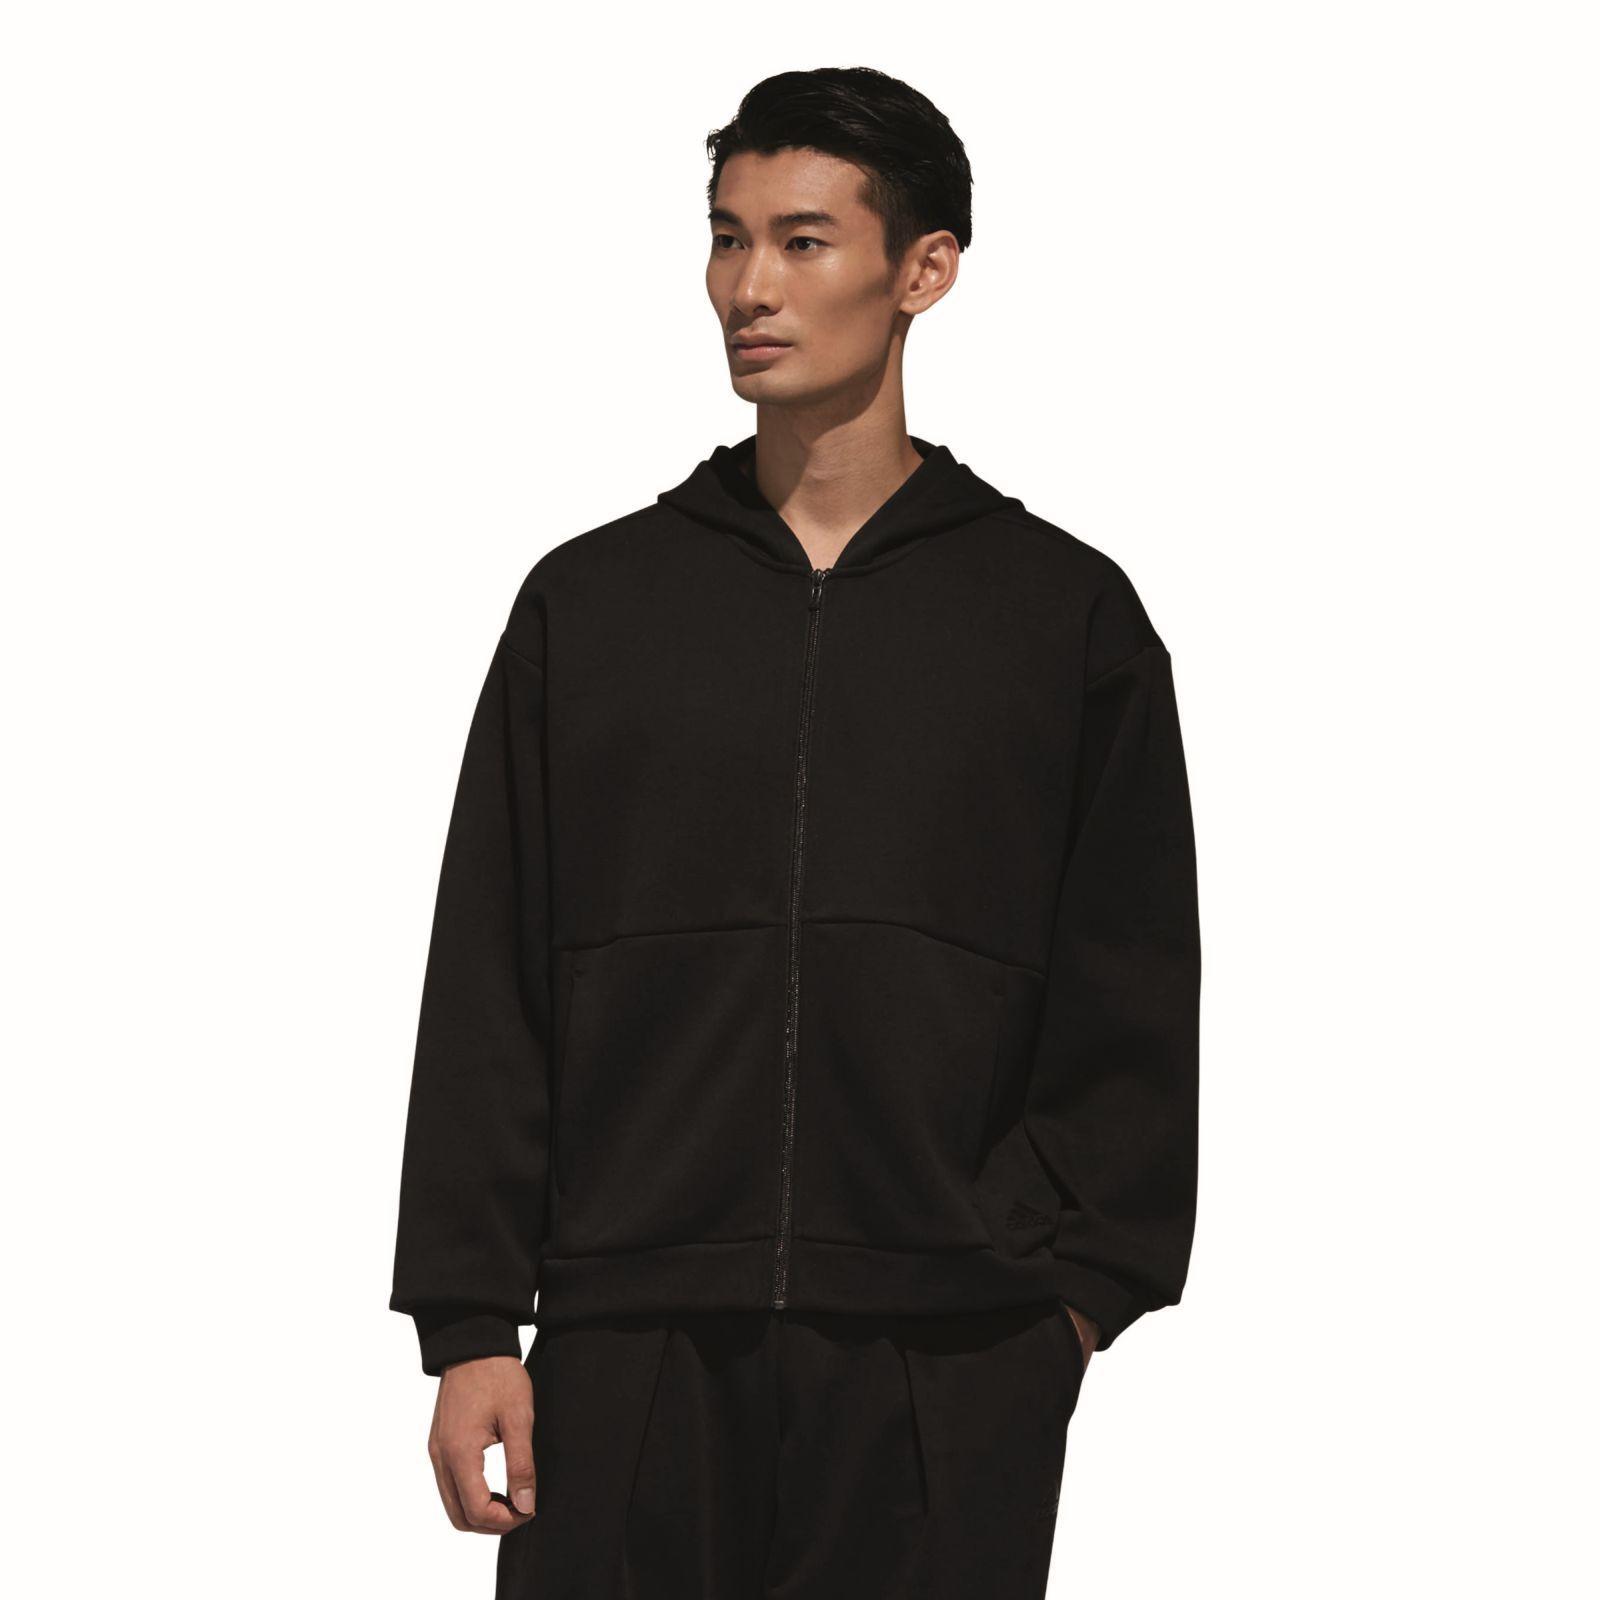 Adidas performance señores capucha chaqueta s2s  SPC HD Hood negro  tienda hace compras y ventas